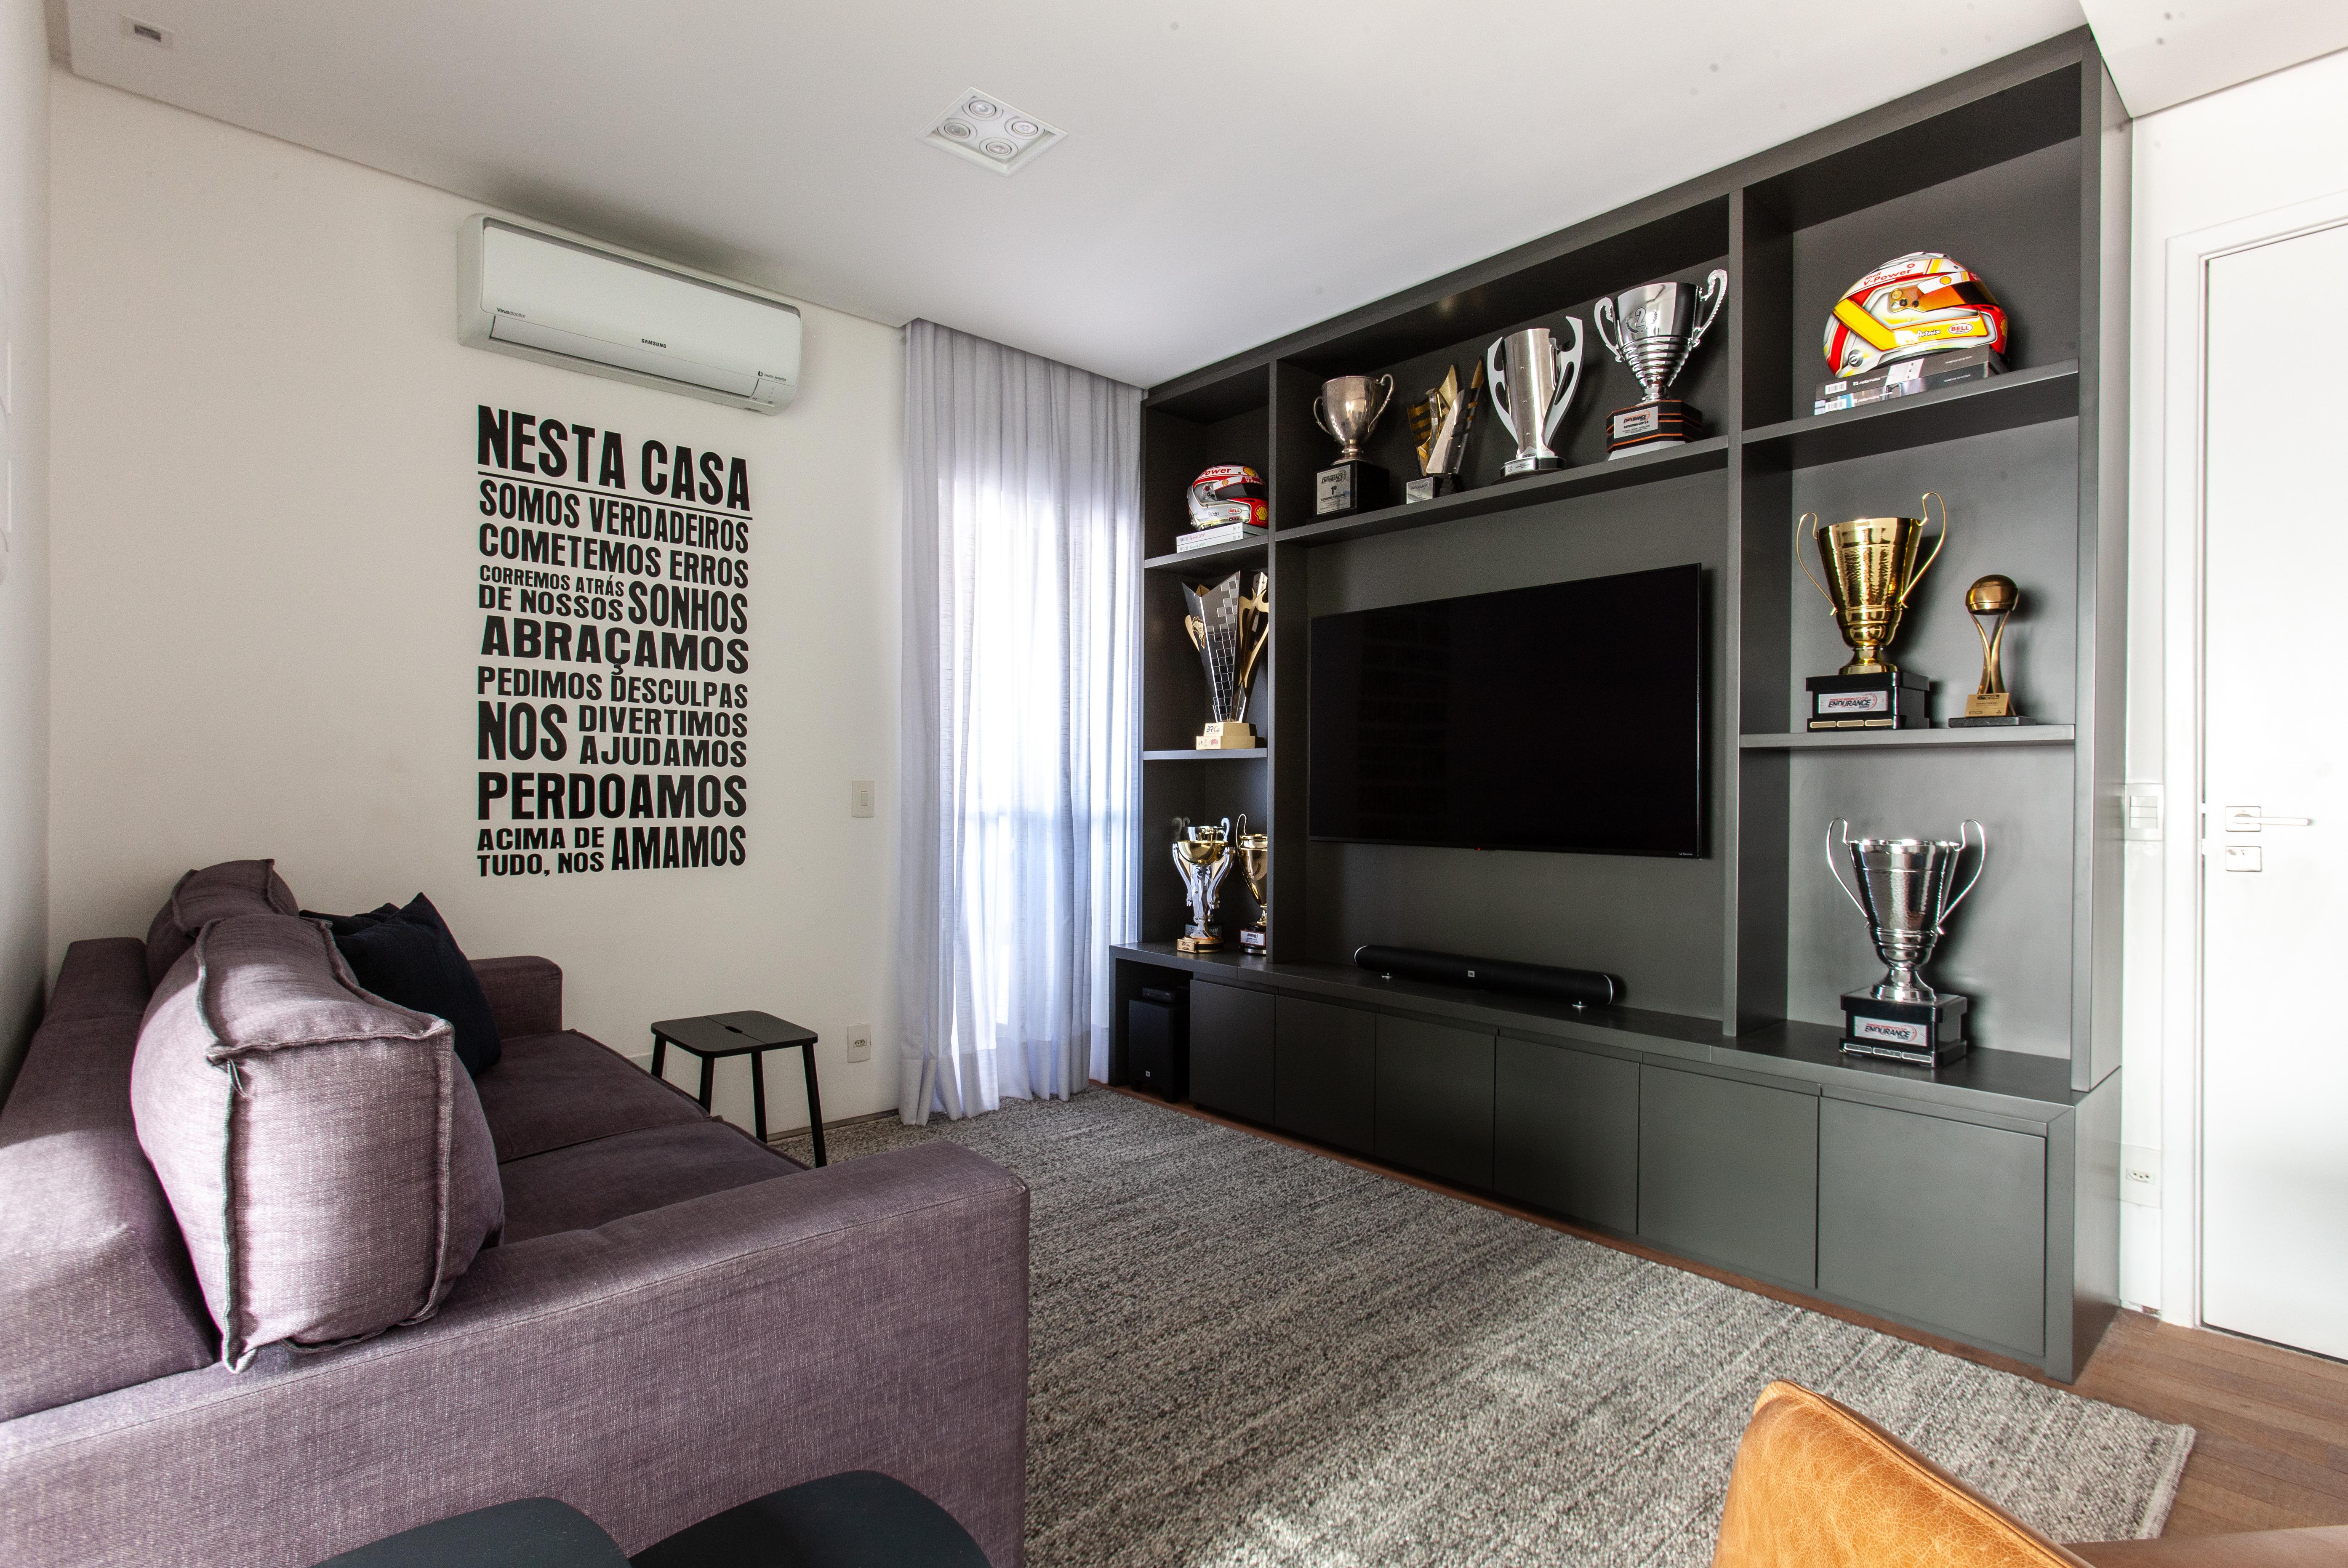 Sala de TV cujo painel é também uma estante que comporta troféus e capacetes de automobilismo